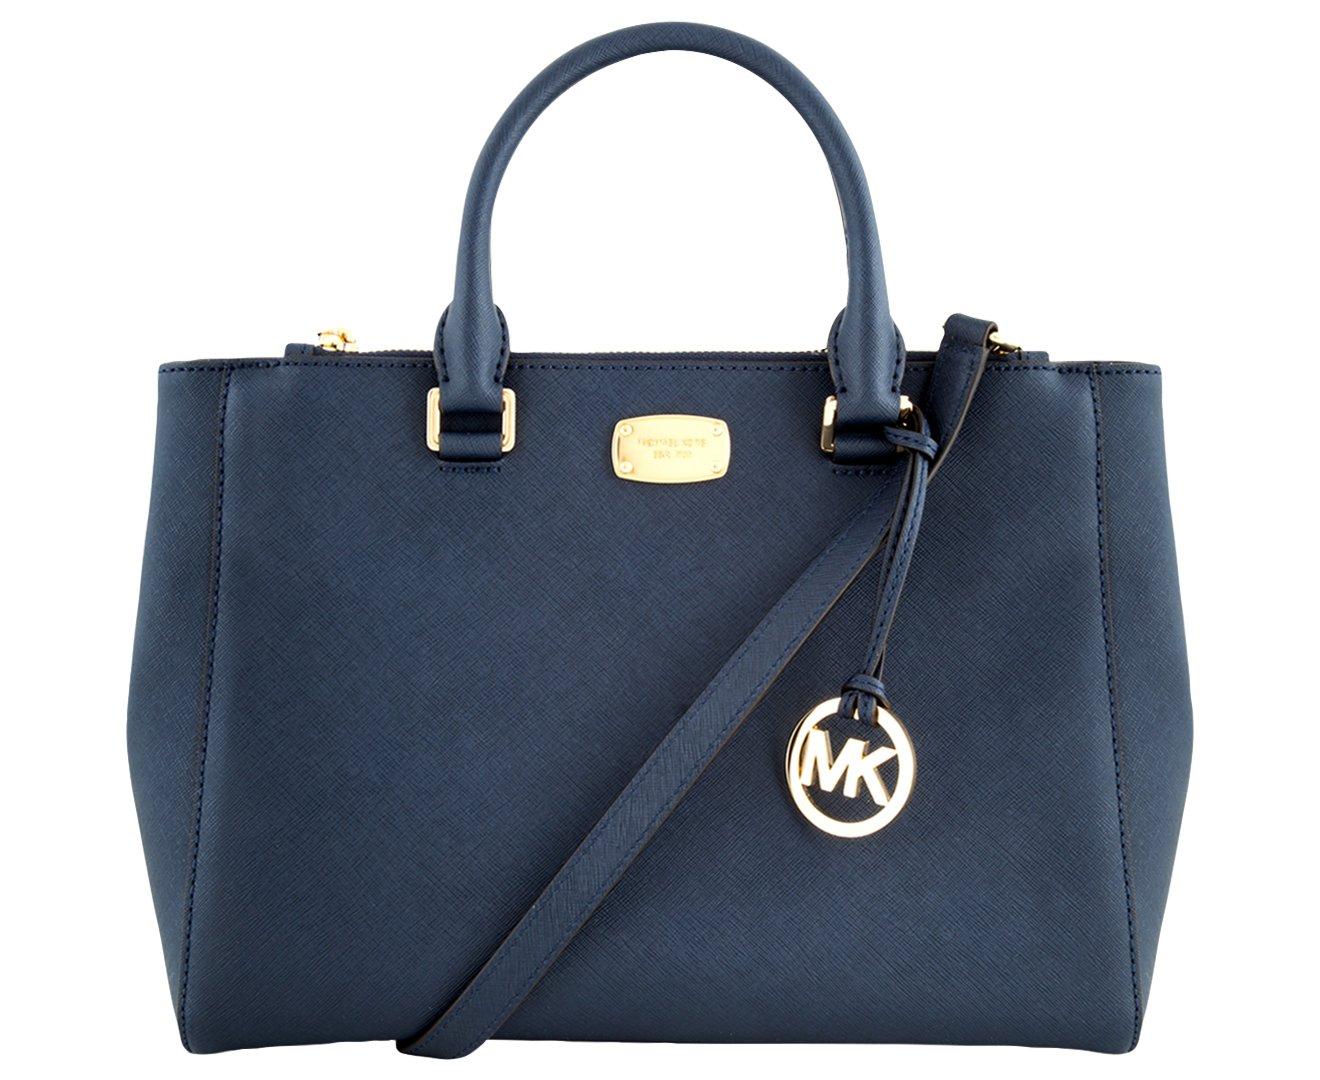 20656665ff44 Galleon - MICHAEL KORS WOMEN S KELLEN MEDIUM SATCHEL LEATHER Shoulder  Handbags (Navy)